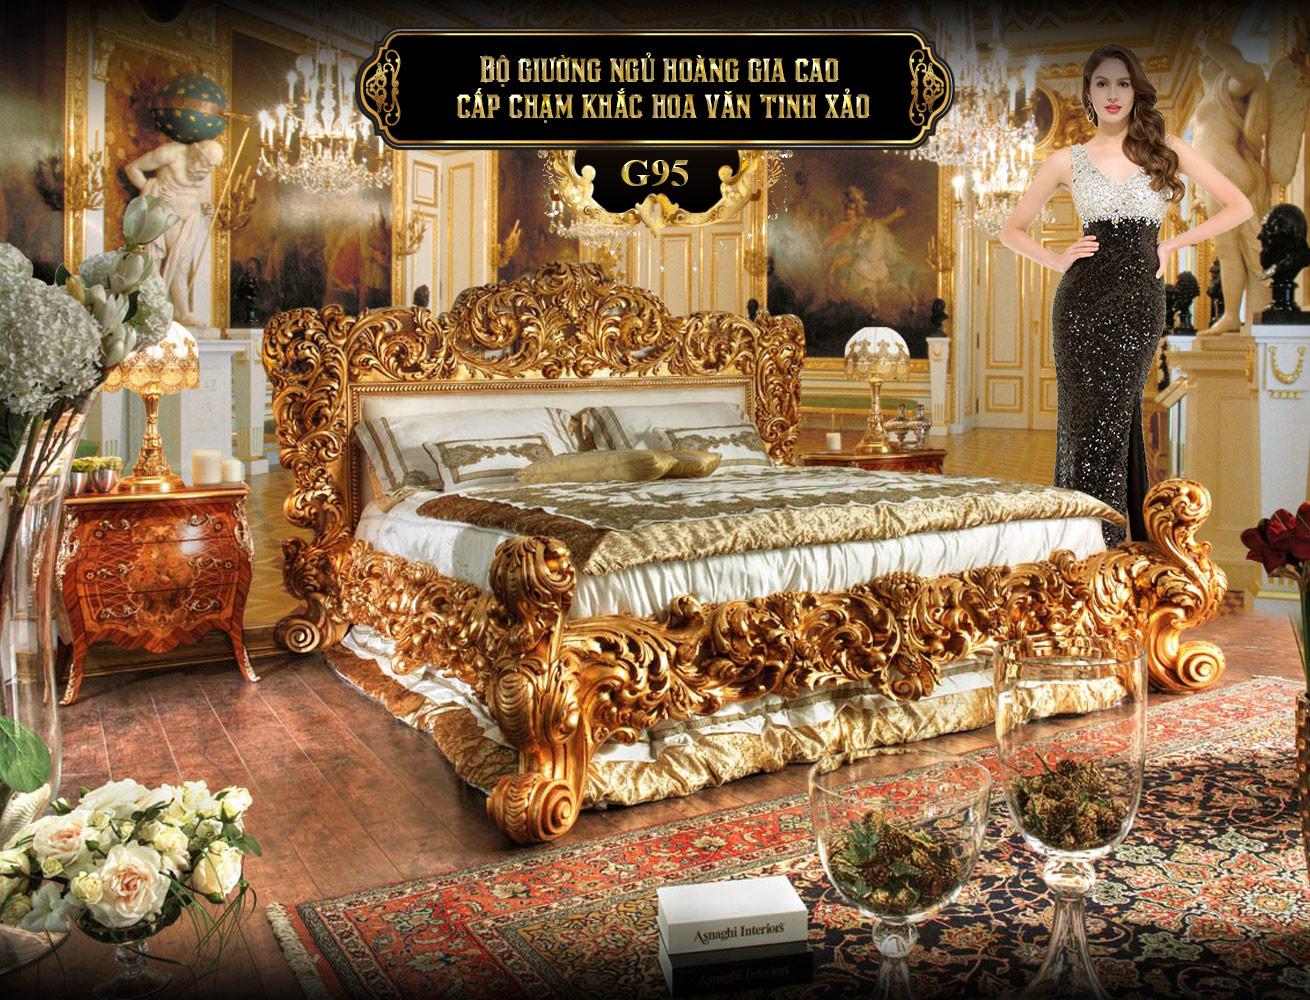 Bộ giường ngủ cao cấp G95 | giường ngủ cao cấp | Giường ngủ gỗ tự nhiên nhập khẩu